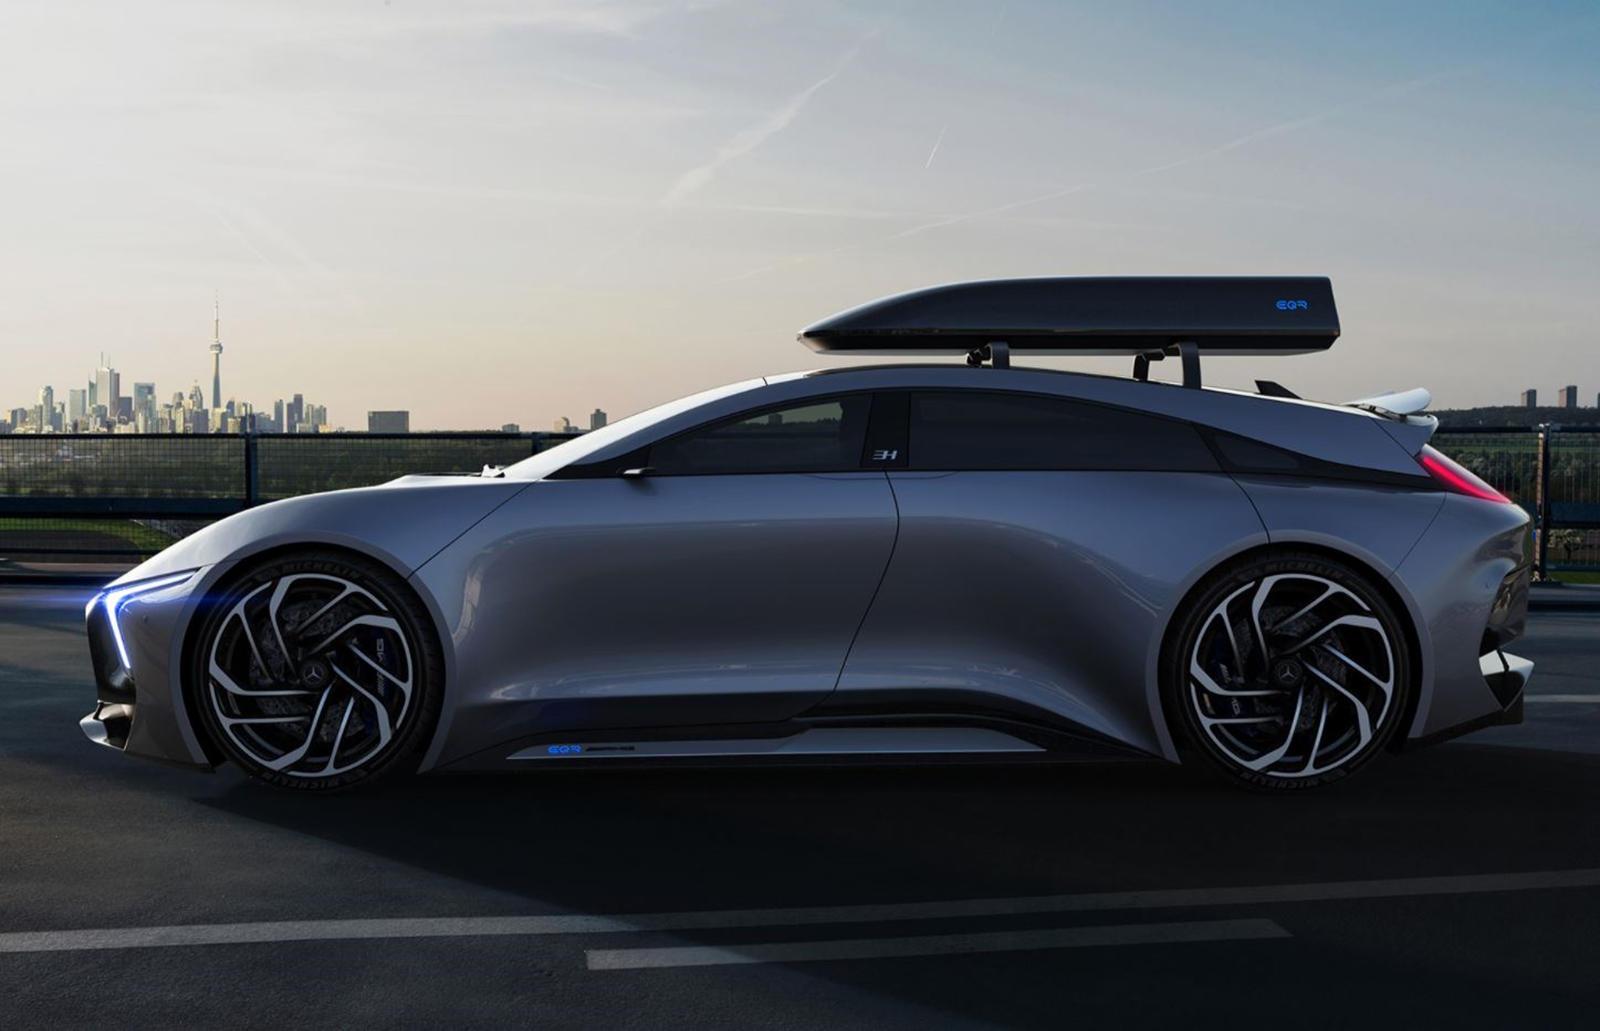 Mercedes-Benz стремится к электрическому будущему, и его автомобильные конструкции следуют этому примеру. Это линейка автомобилей EQ, включая EQC и будущие модели, такие как кроссовер EQA и седан EQS, являются демонстрацией того, что запланировал нем